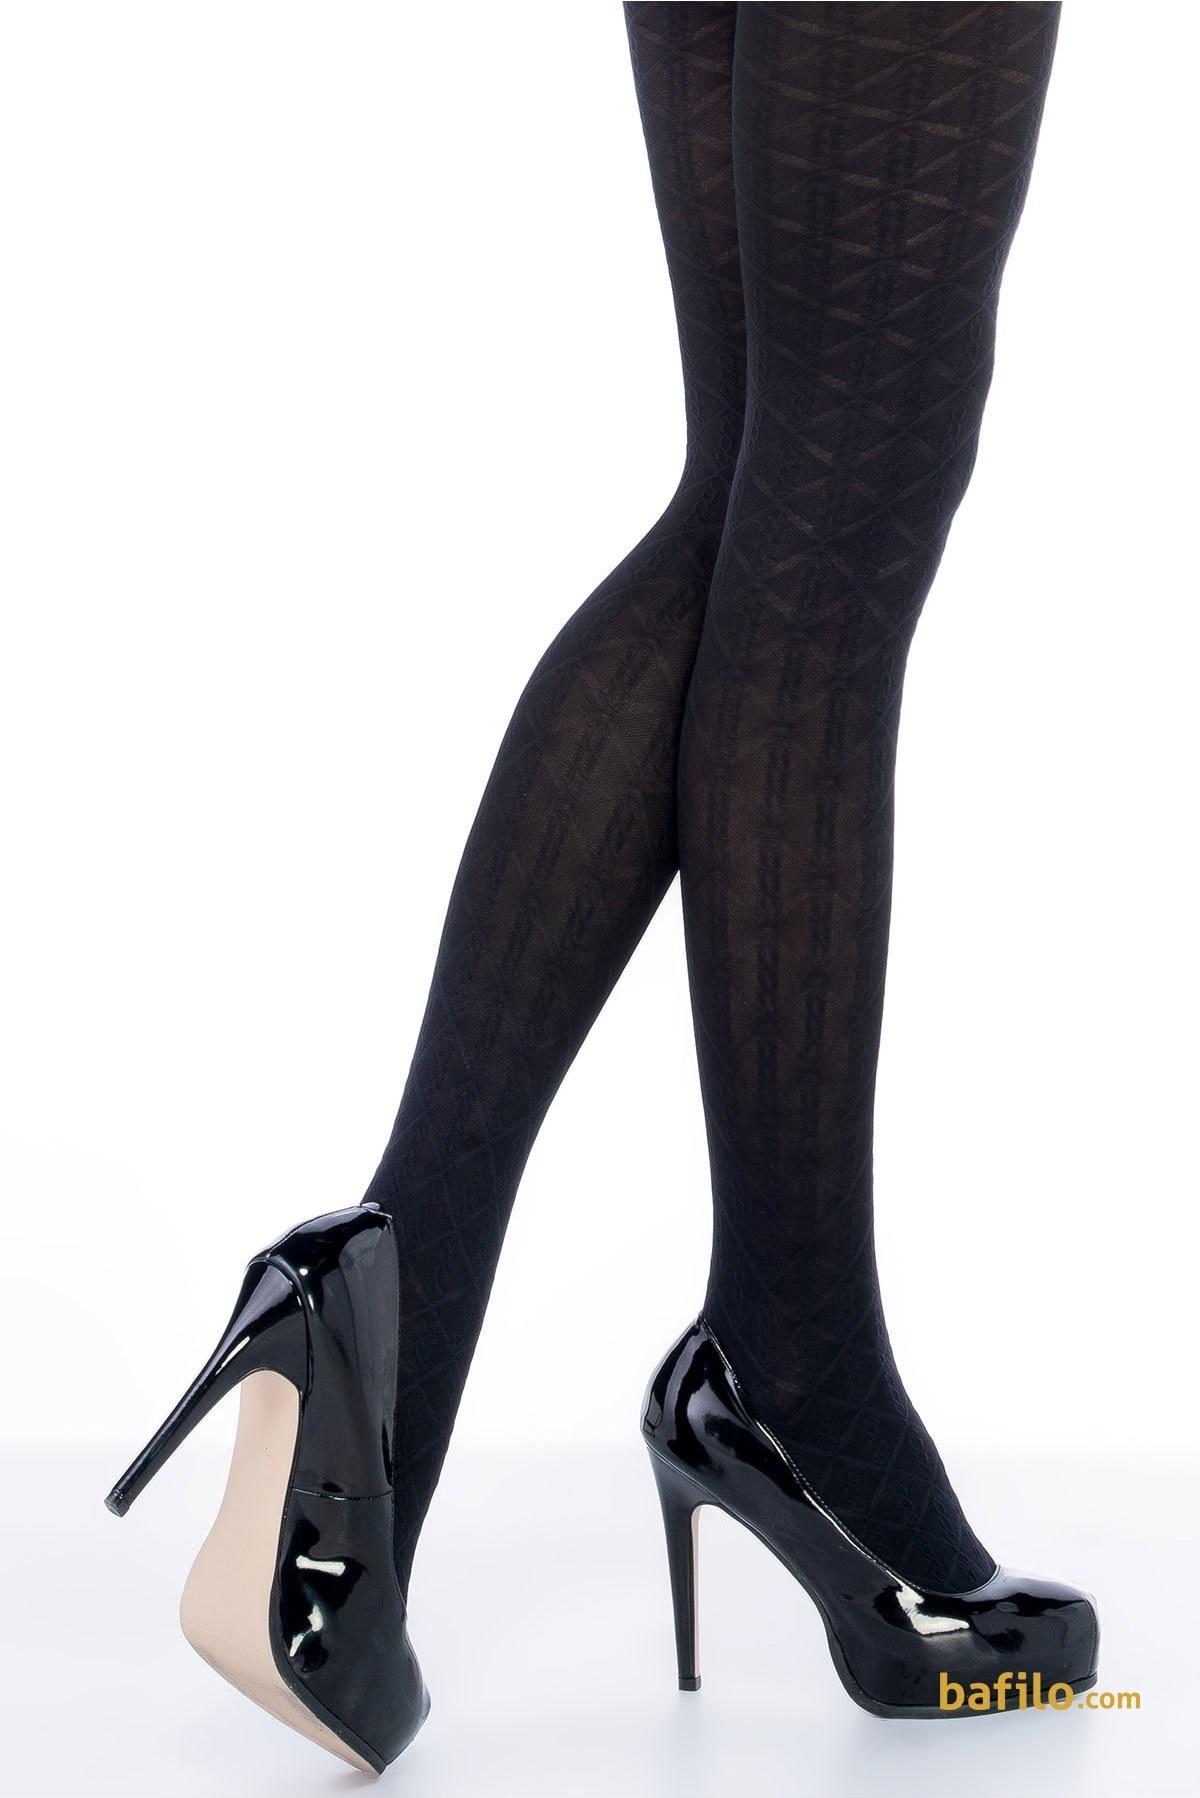 جوراب شلواری طرح دار زنانه پنتی  Lola مشکی |